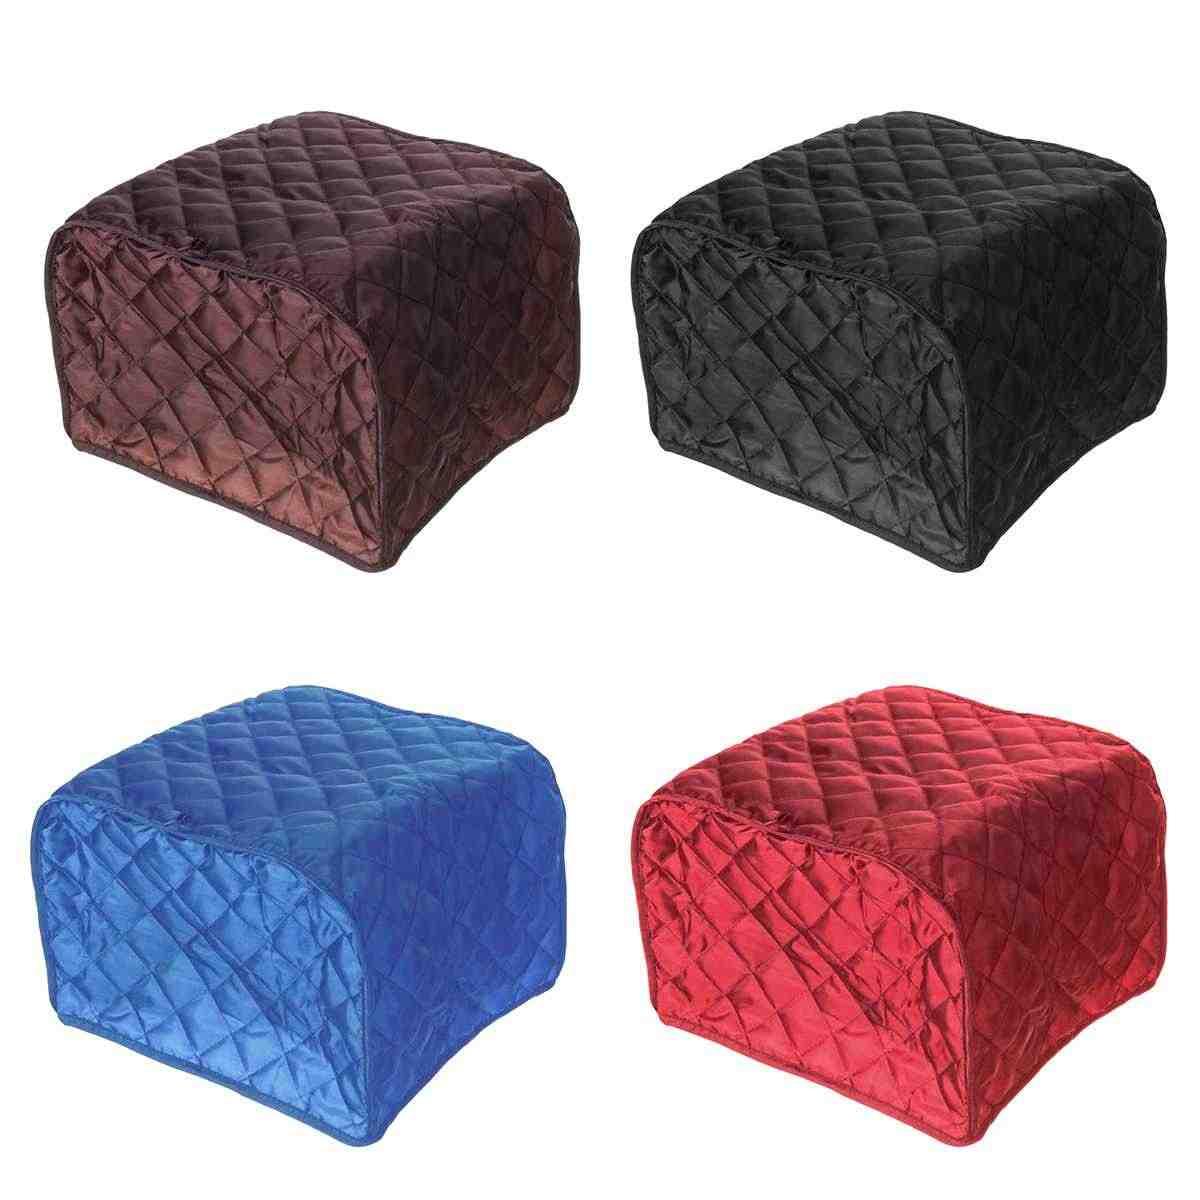 Couverture pour grille-pain à quatre tranches | Couvercle Anti-poussière pour Machine à pain, housse de protection contre les empreintes